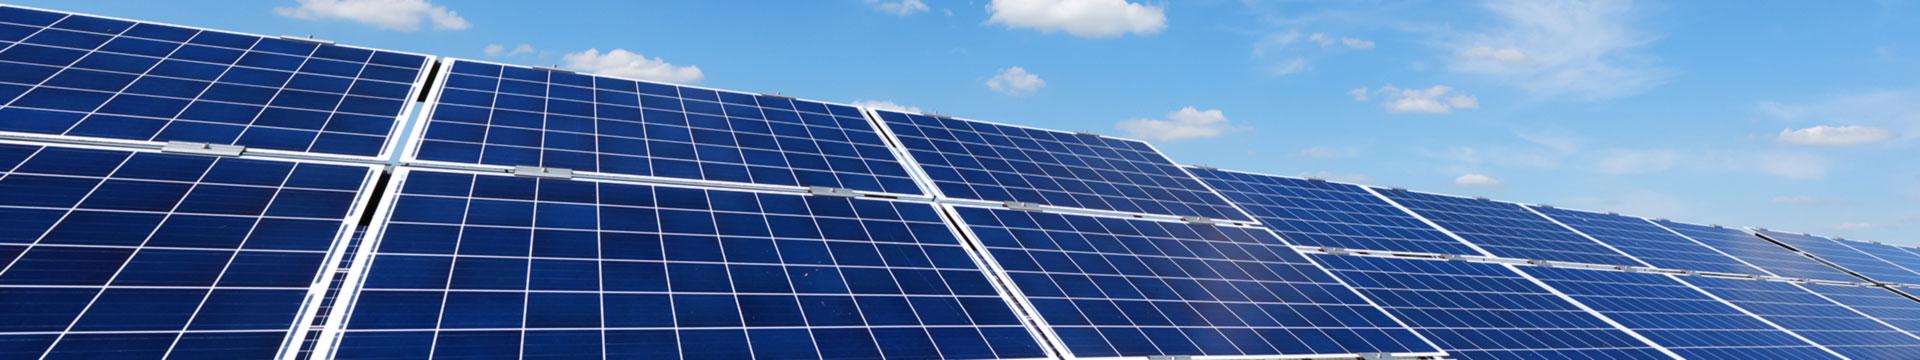 Revenda de sistemas de energia solar em Mato Grosso e Mato Grosso do Sul - Cogera Energia